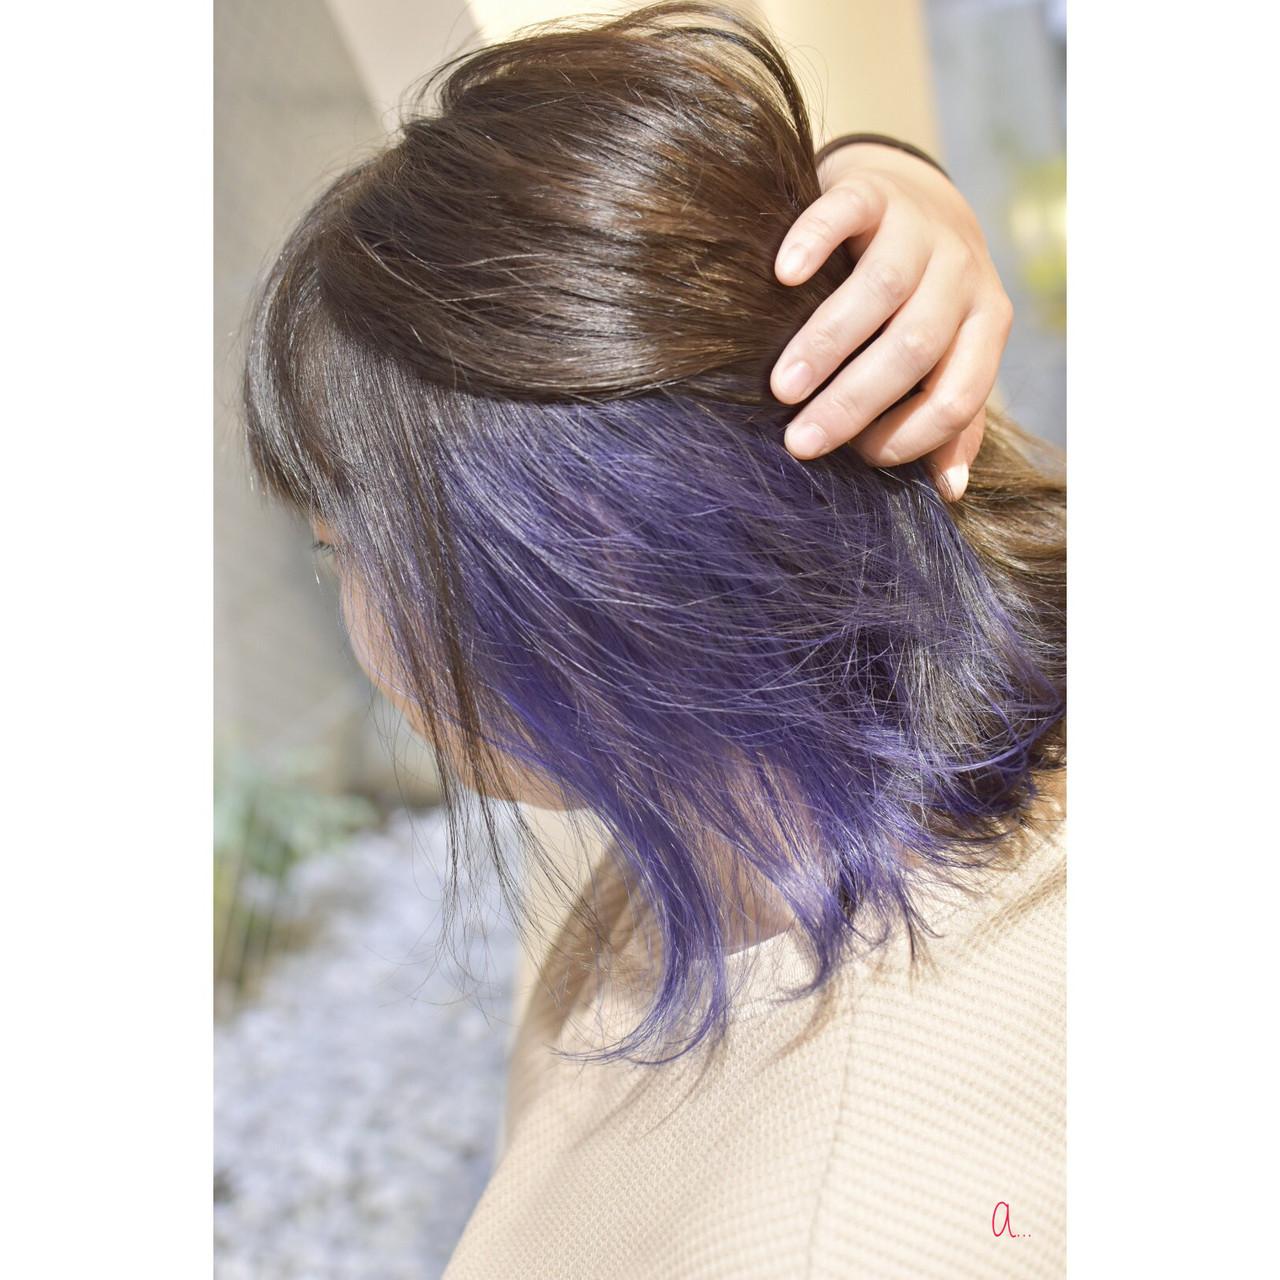 モード イヤリングカラー ボブ インナーブルー ヘアスタイルや髪型の写真・画像